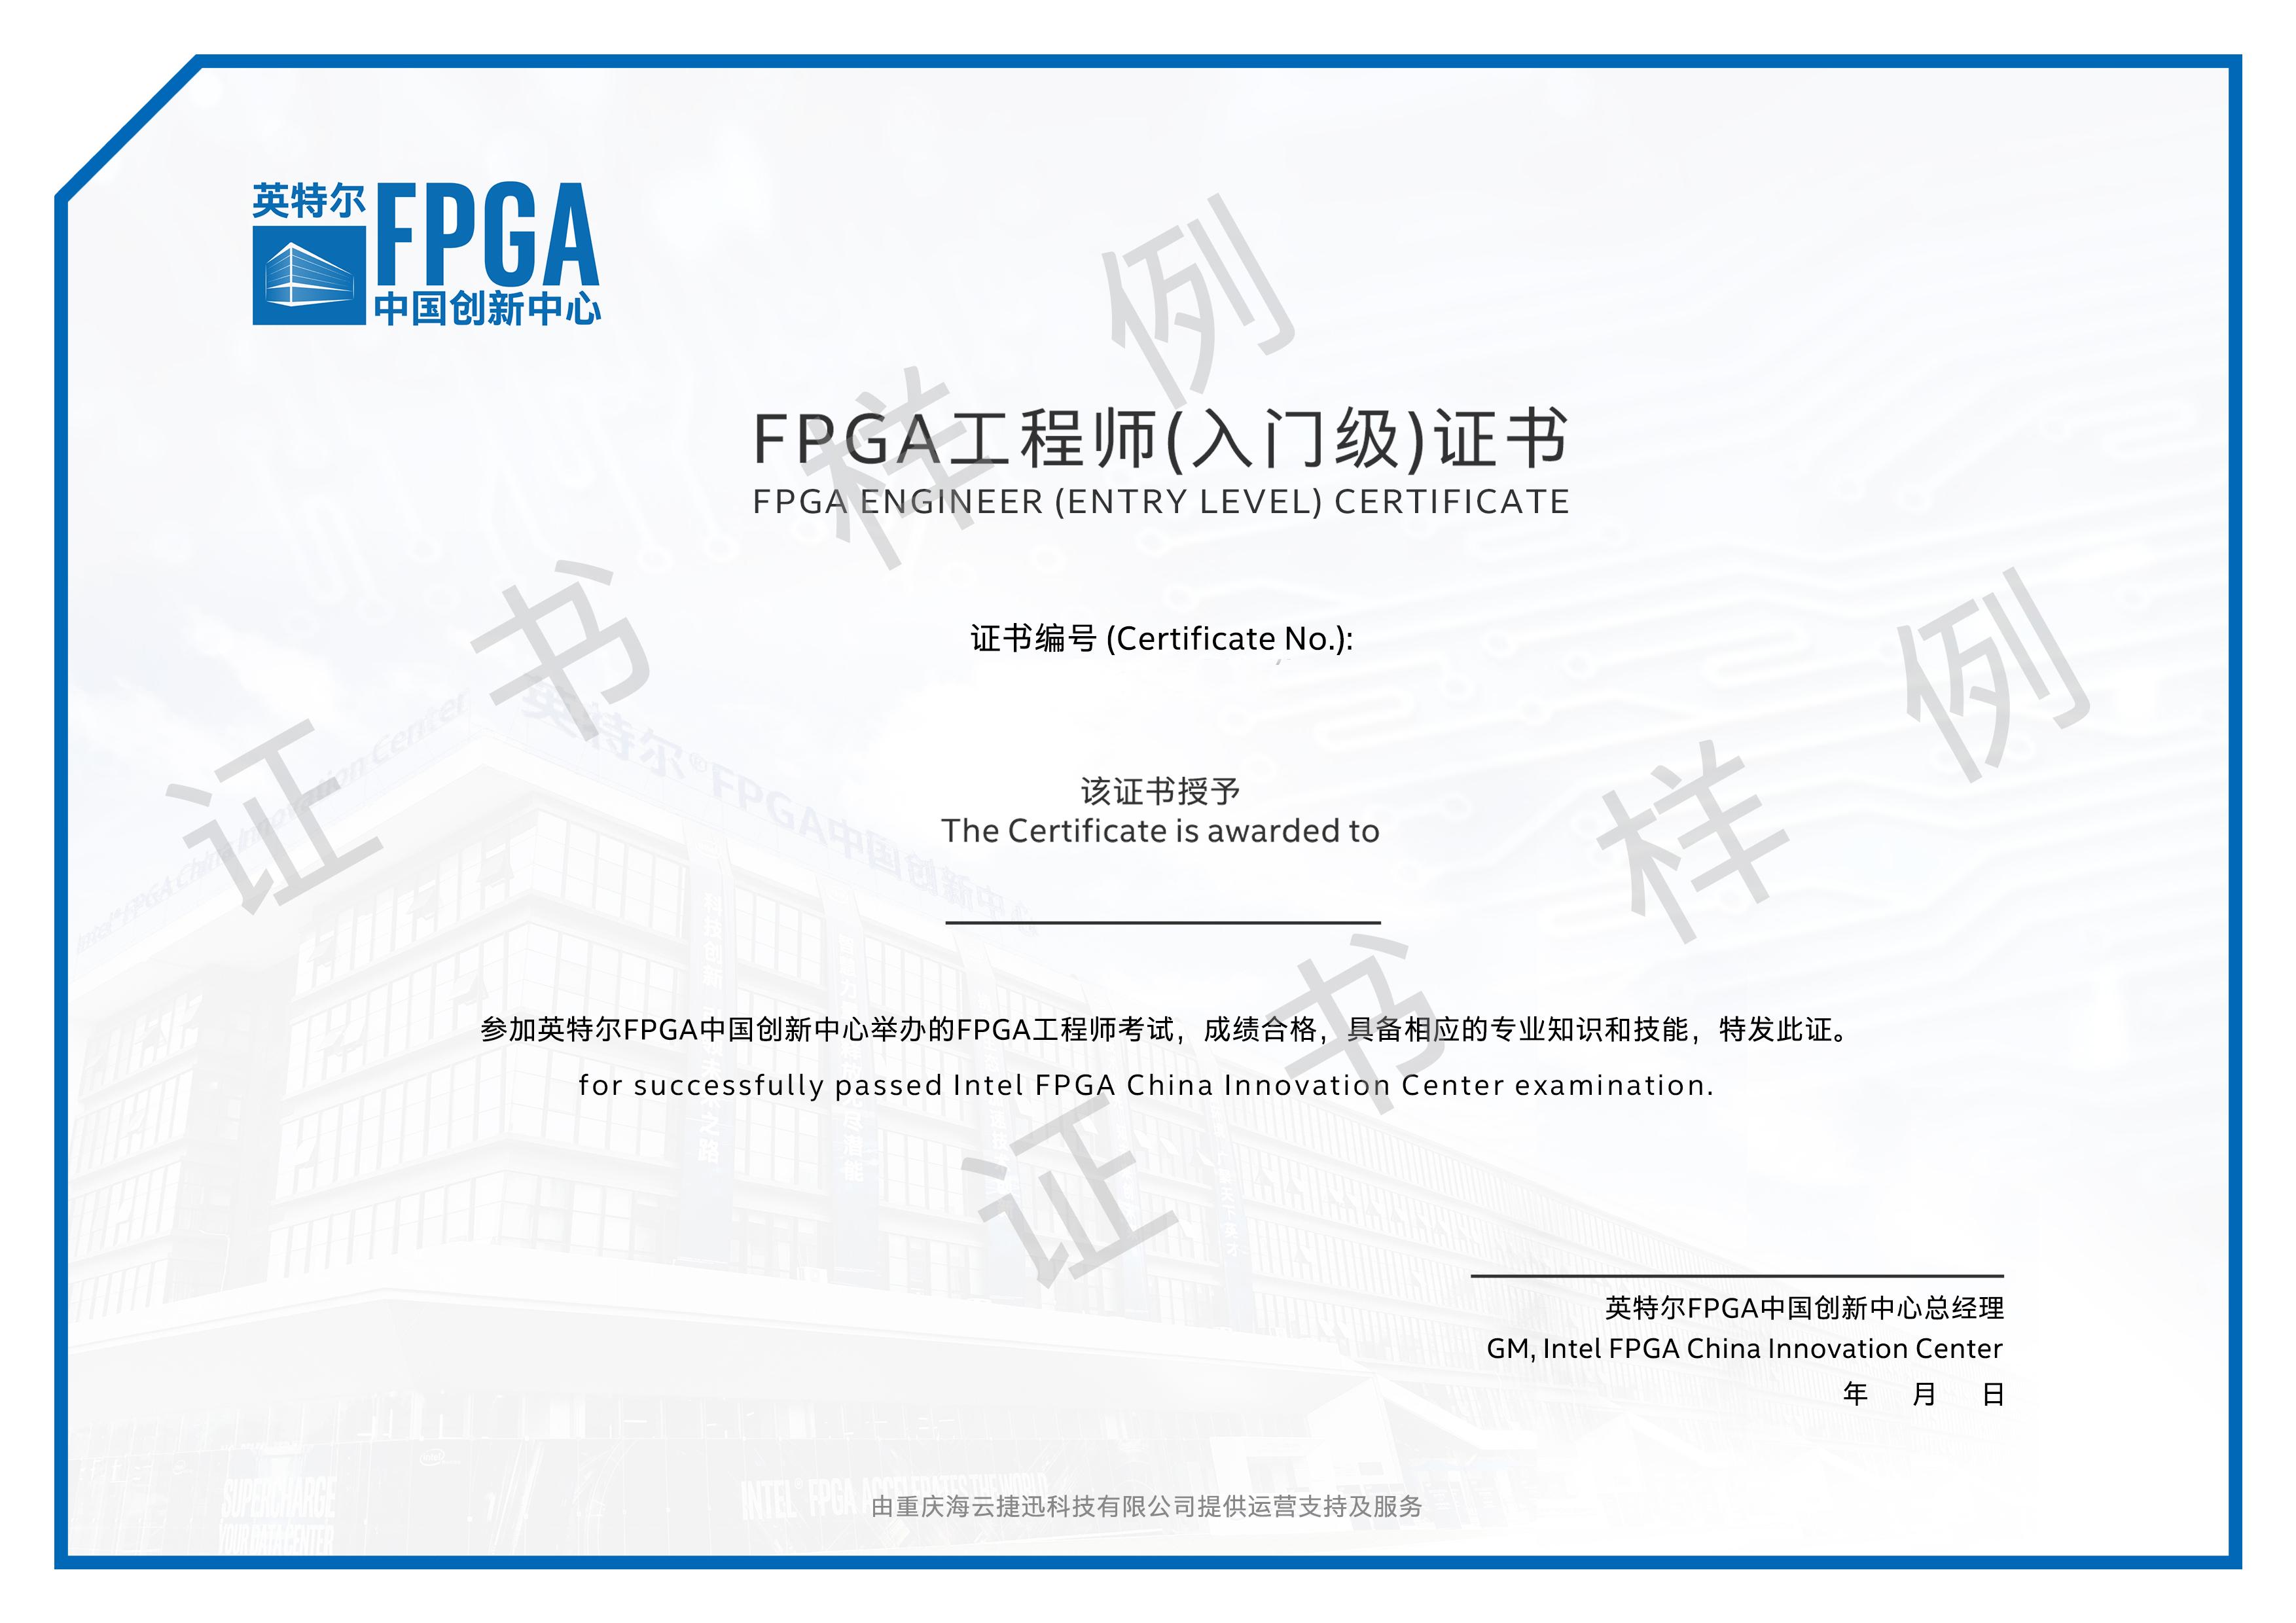 FPGA证书